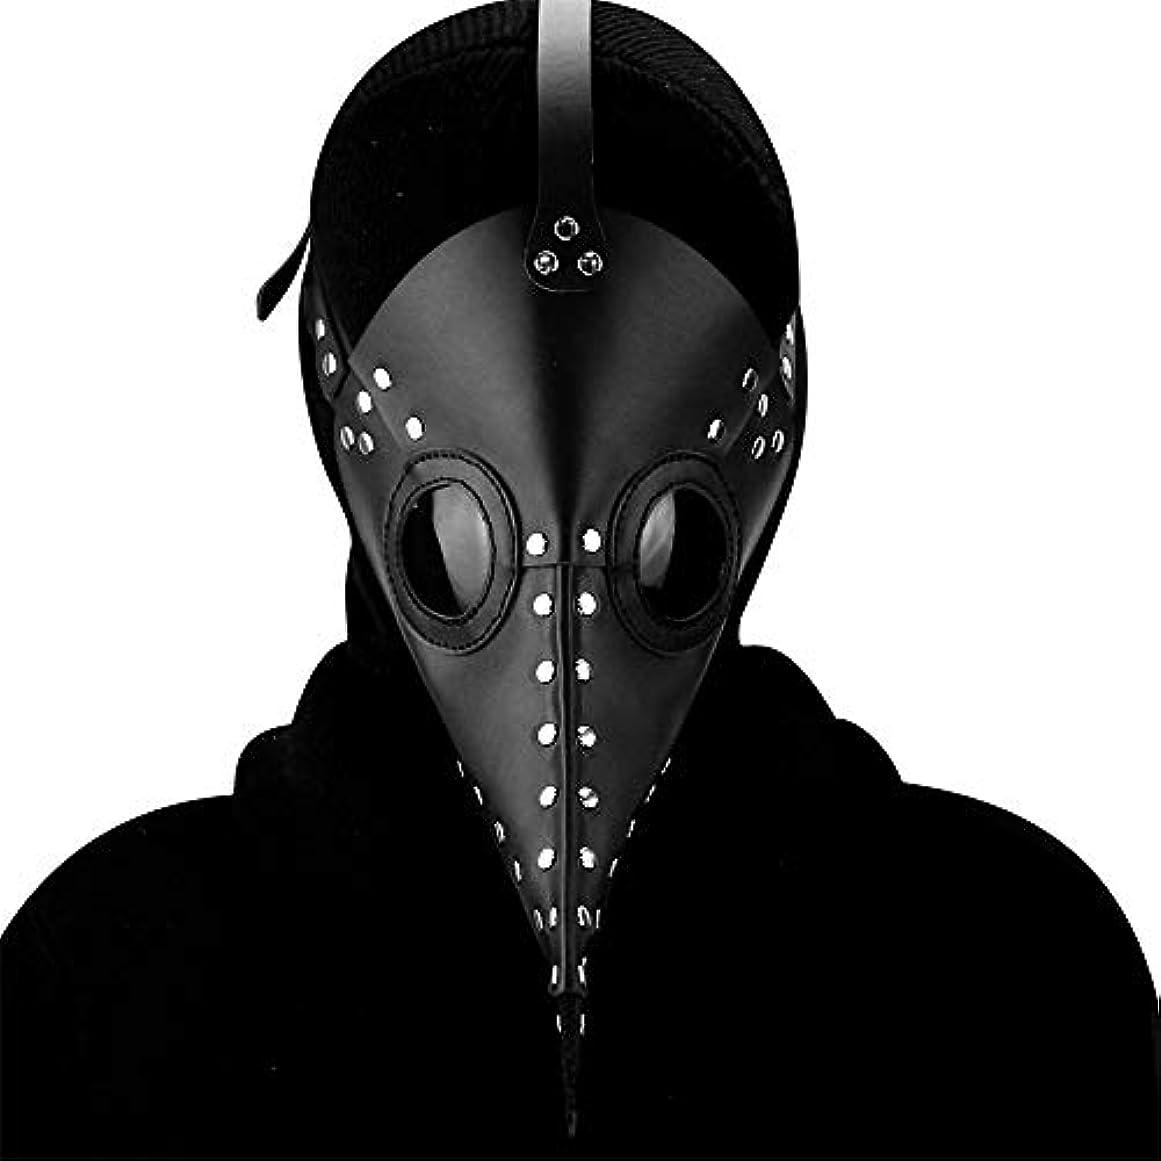 感性ペデスタル盆地ハロウィーンペストビークマスクパーティーの小道具仮装